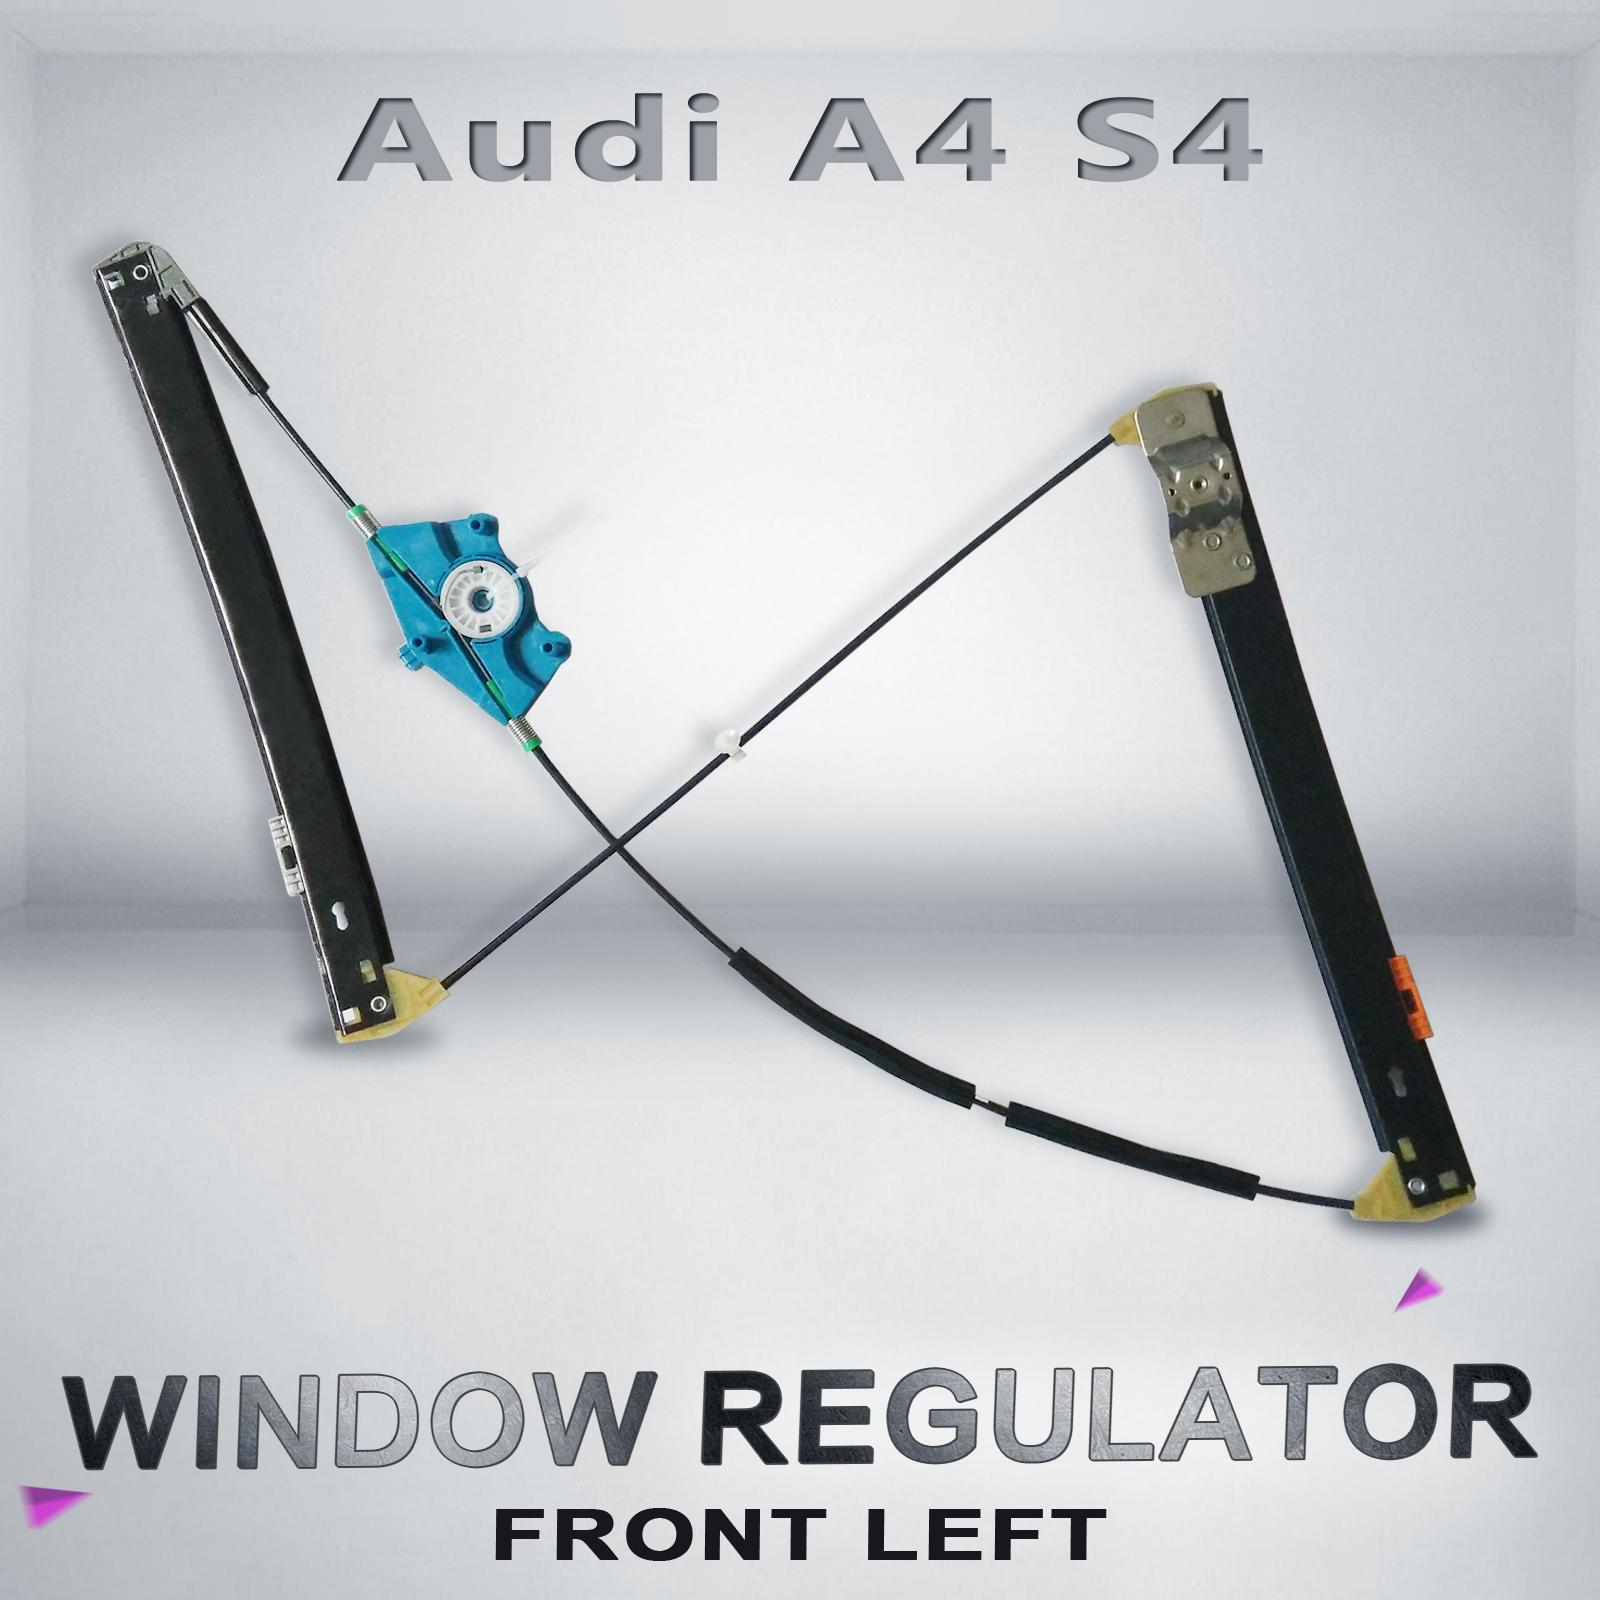 Window regulator audi a4 s4 8e b6 02 08 front left for 2003 audi a4 rear window regulator